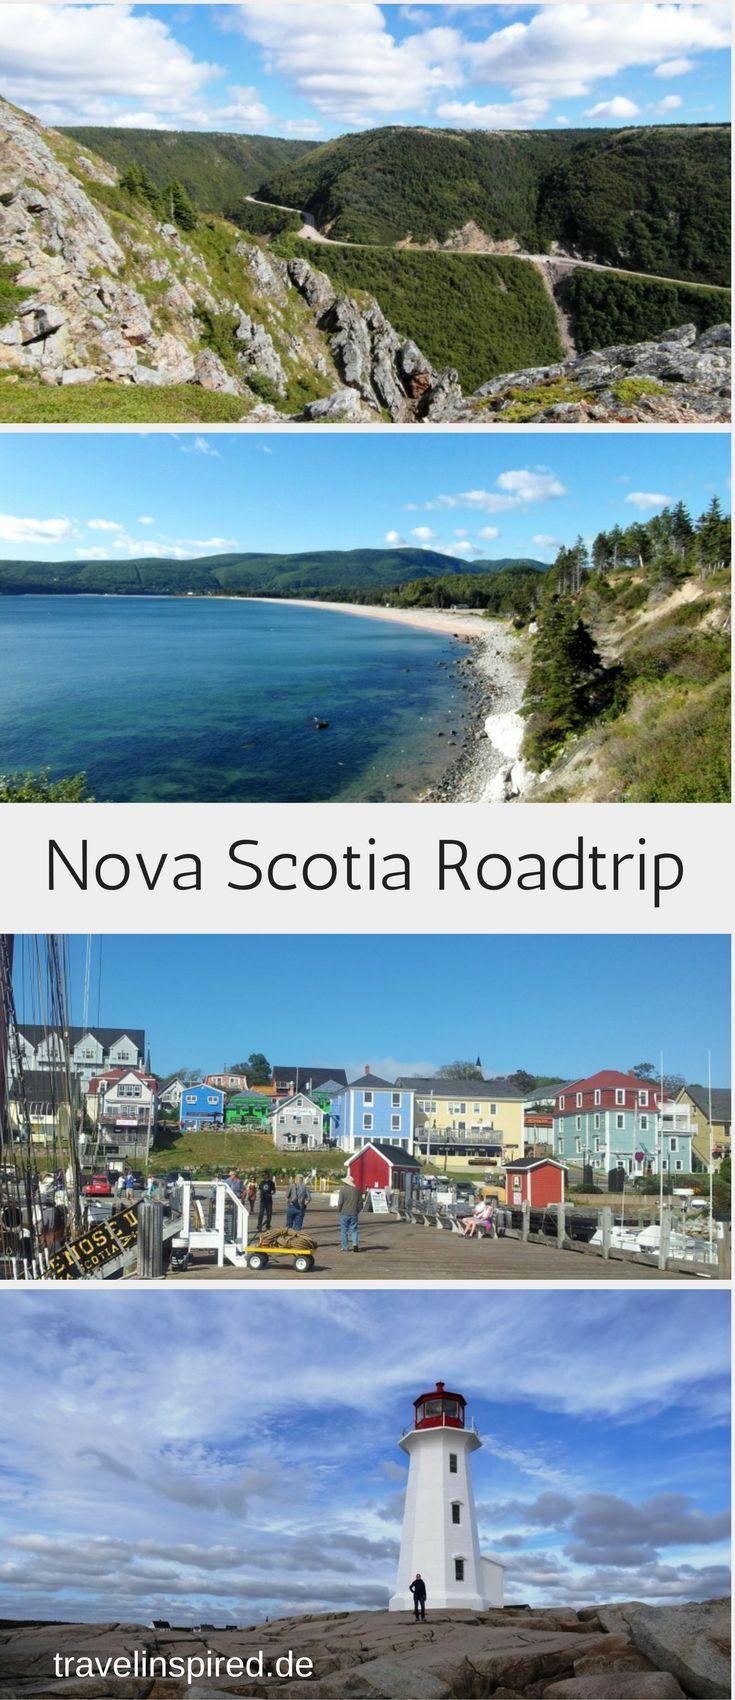 Unser Roadtrip durch Nova Scotia in Ostkanada führt uns durch atemberaubende Landschaft, an der Hauptstadt Halifax, hübschen Küstenorten und Leuchttürmen vorbei. Reisebericht, Tipps und Bilder in unserem Blogpost auf Travelinspired! #ostkanada #roadtrip #novascotia #halifax #leuchtturm #capebreton